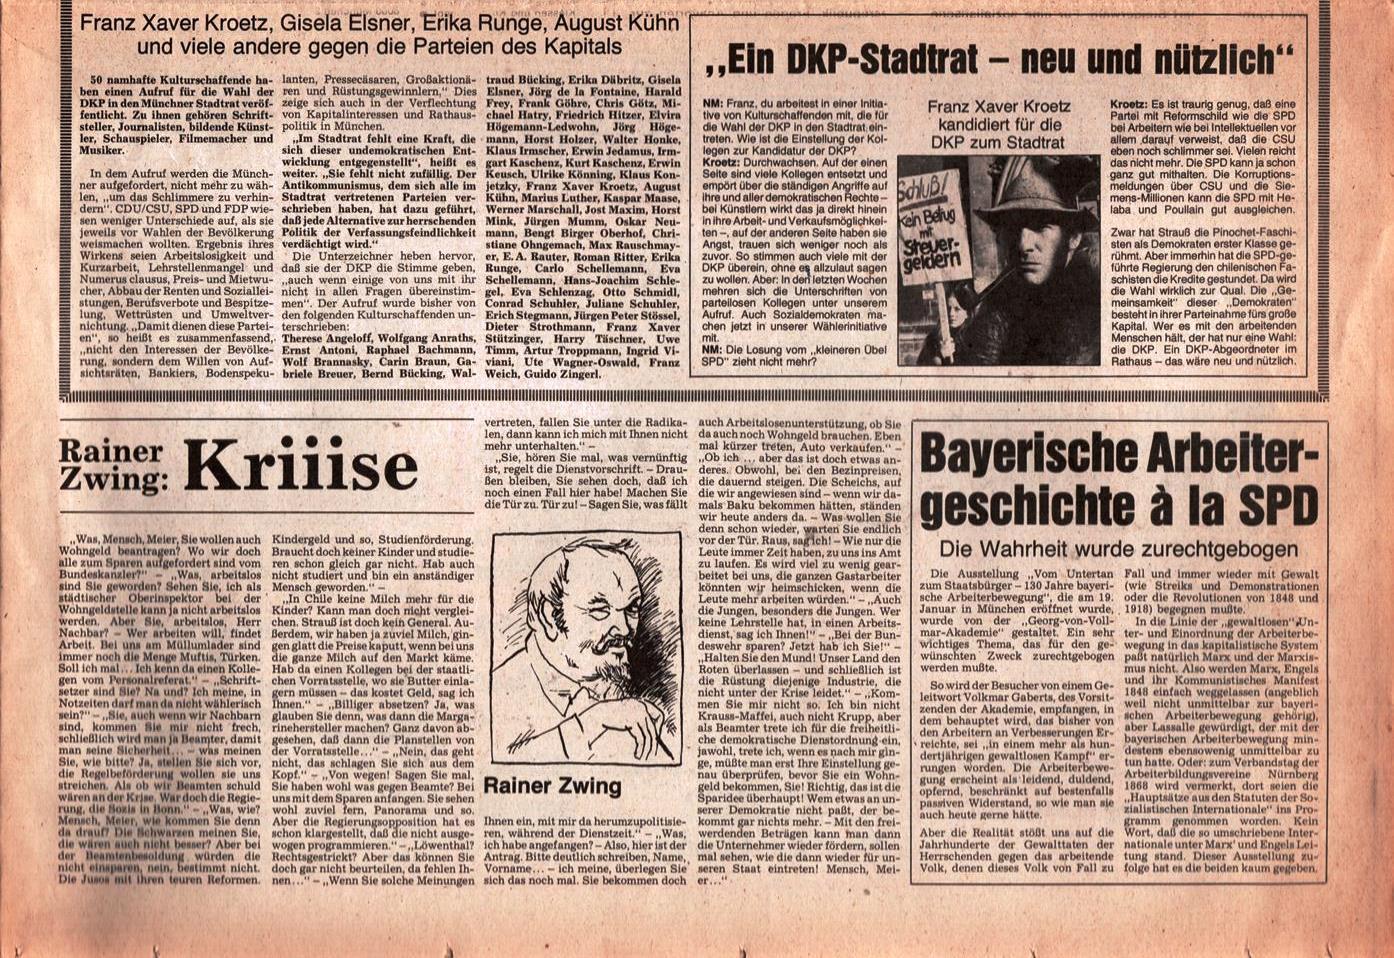 Muenchen_DKP_Neues_Muenchen_19780200_002_014